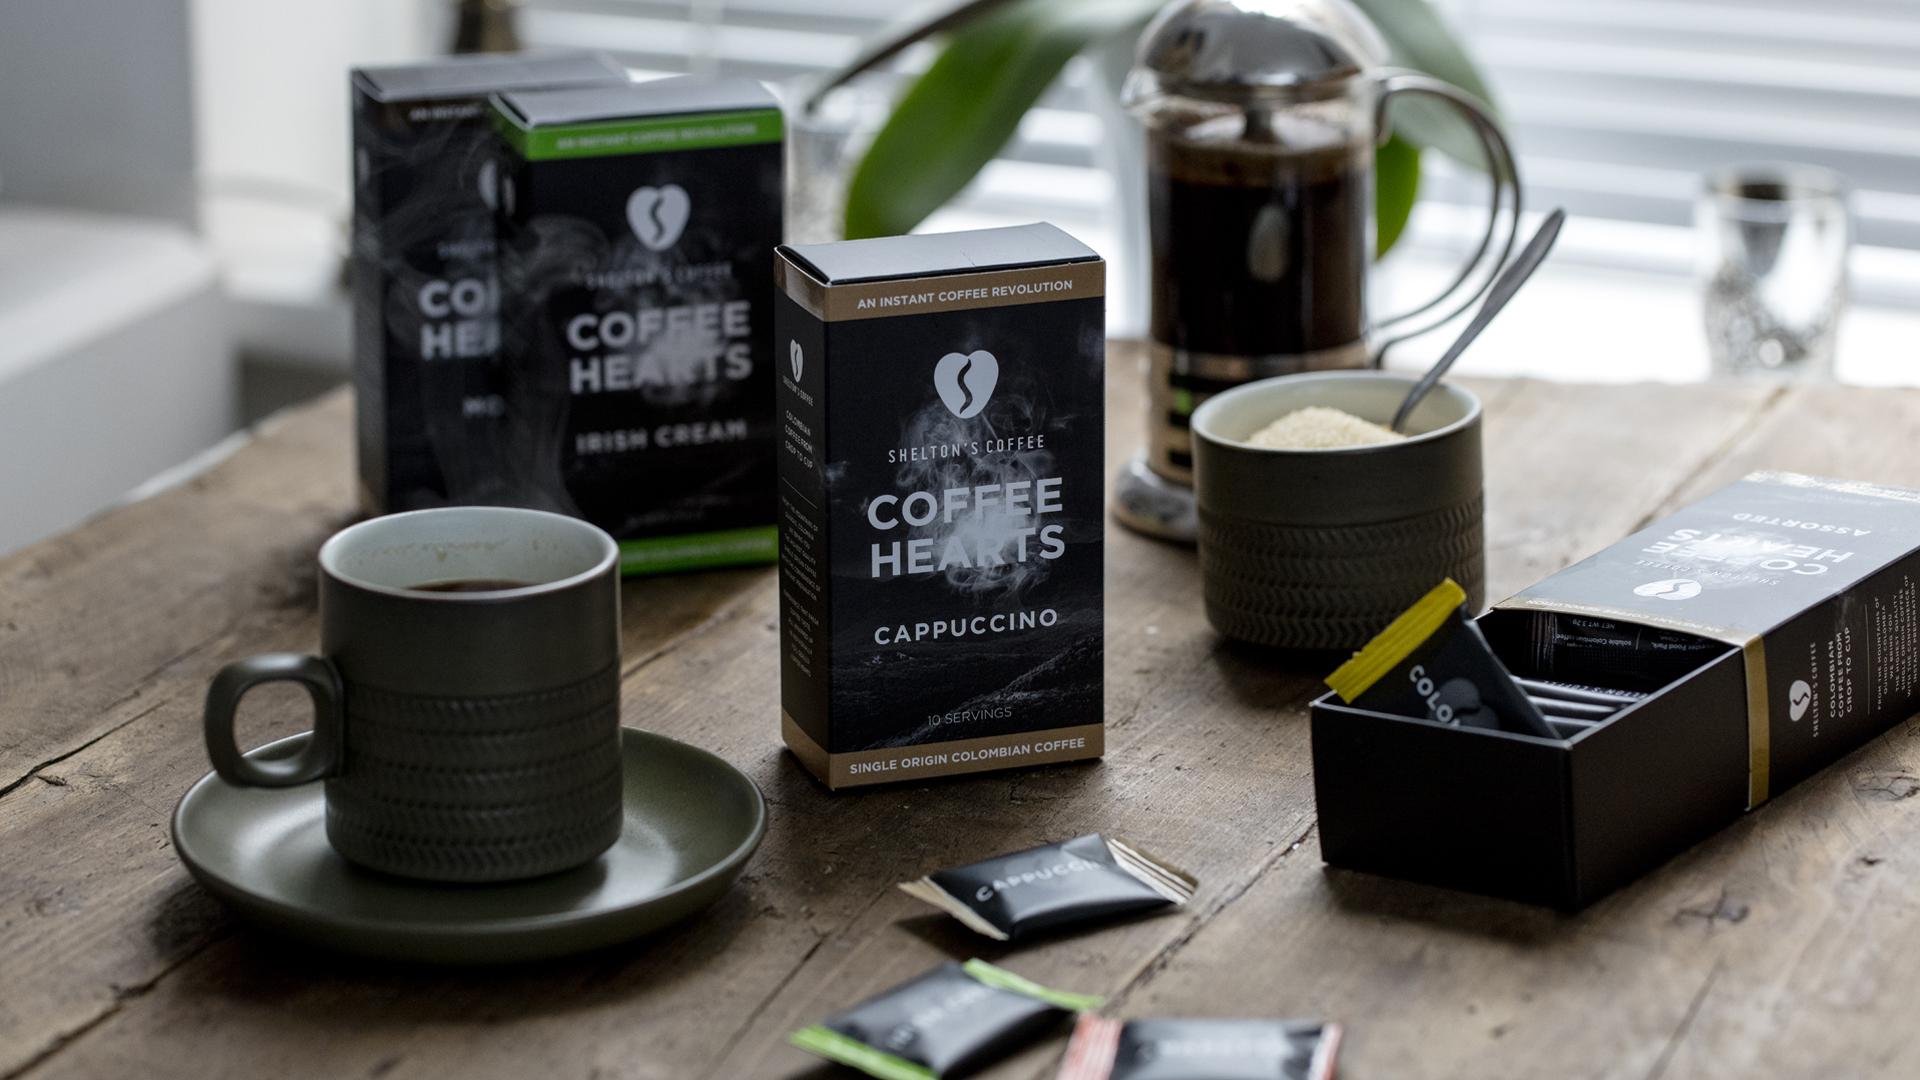 cardboard coffee boxes